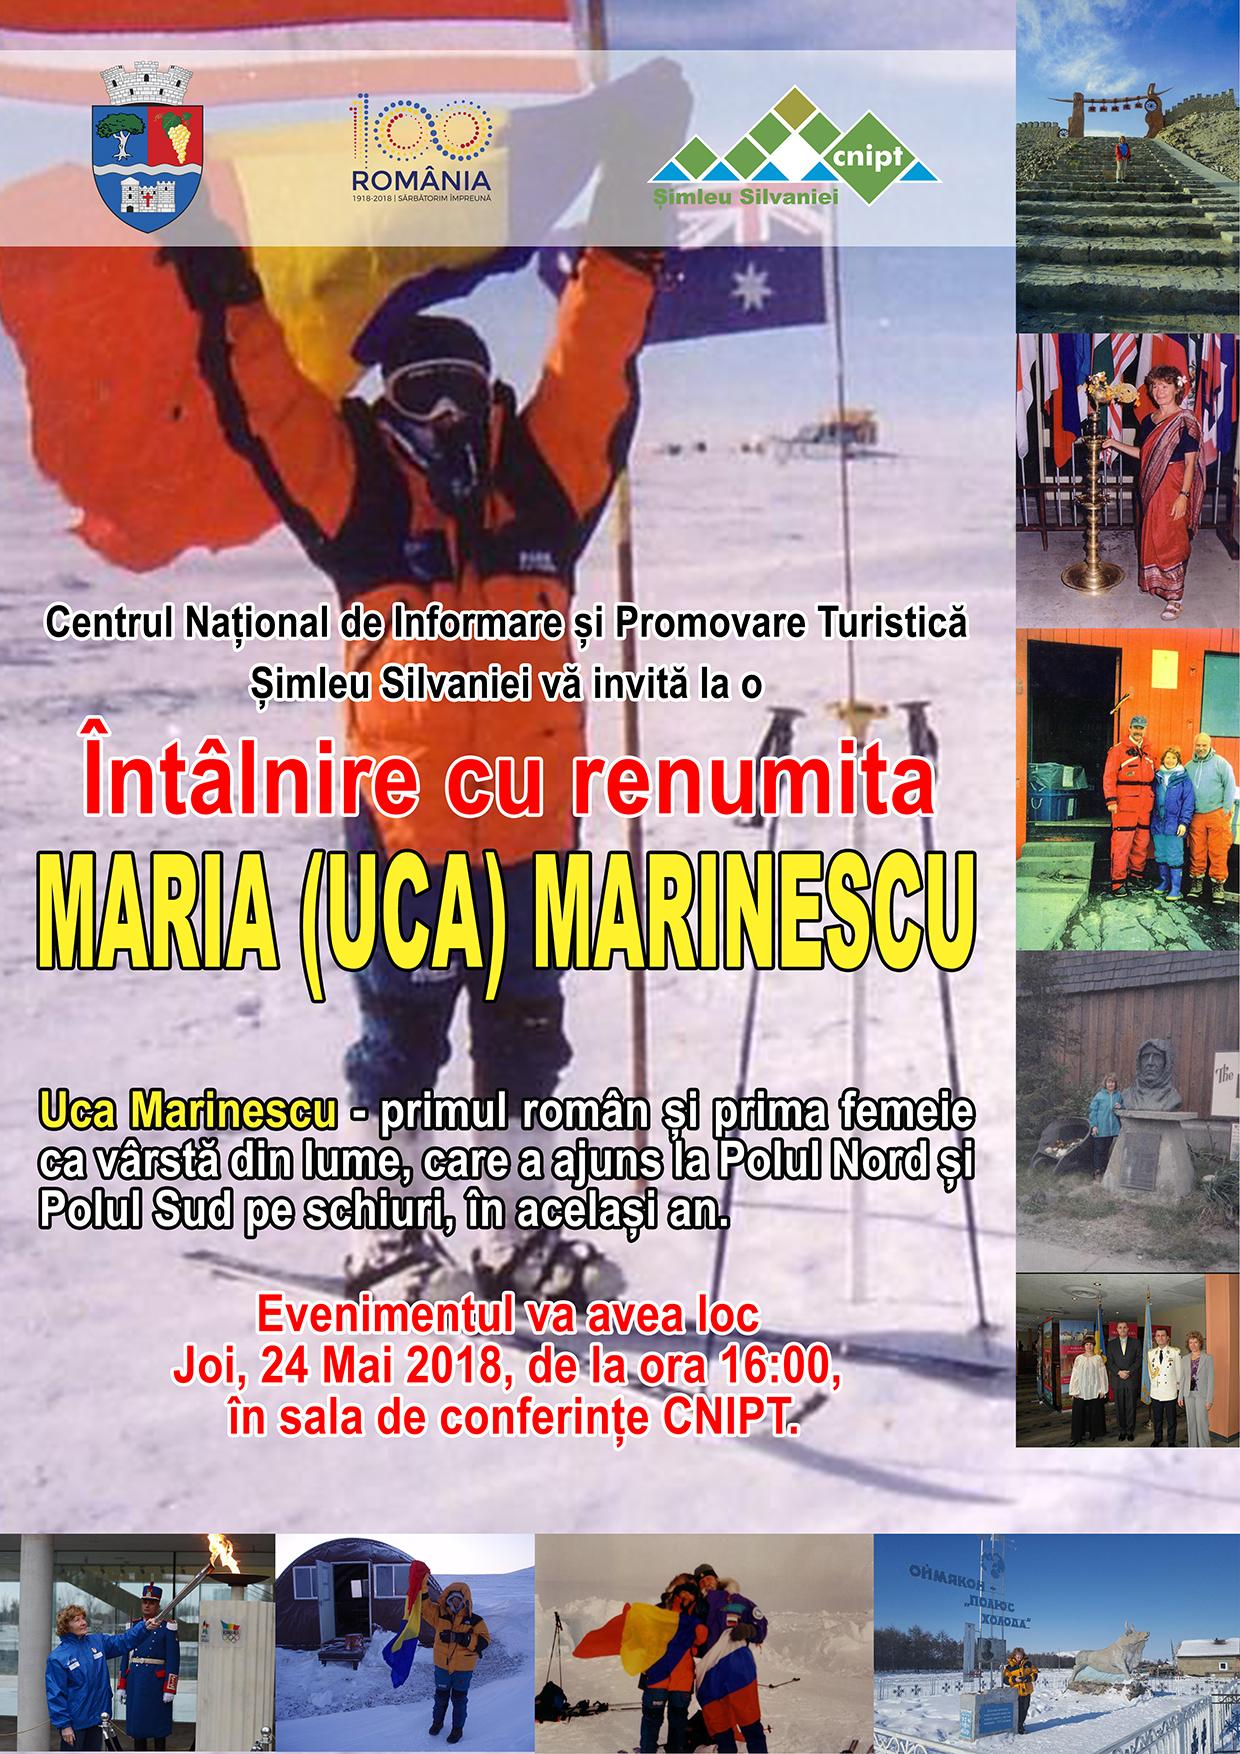 Întâlnire cu renumita Maria (Uca) Marinescu